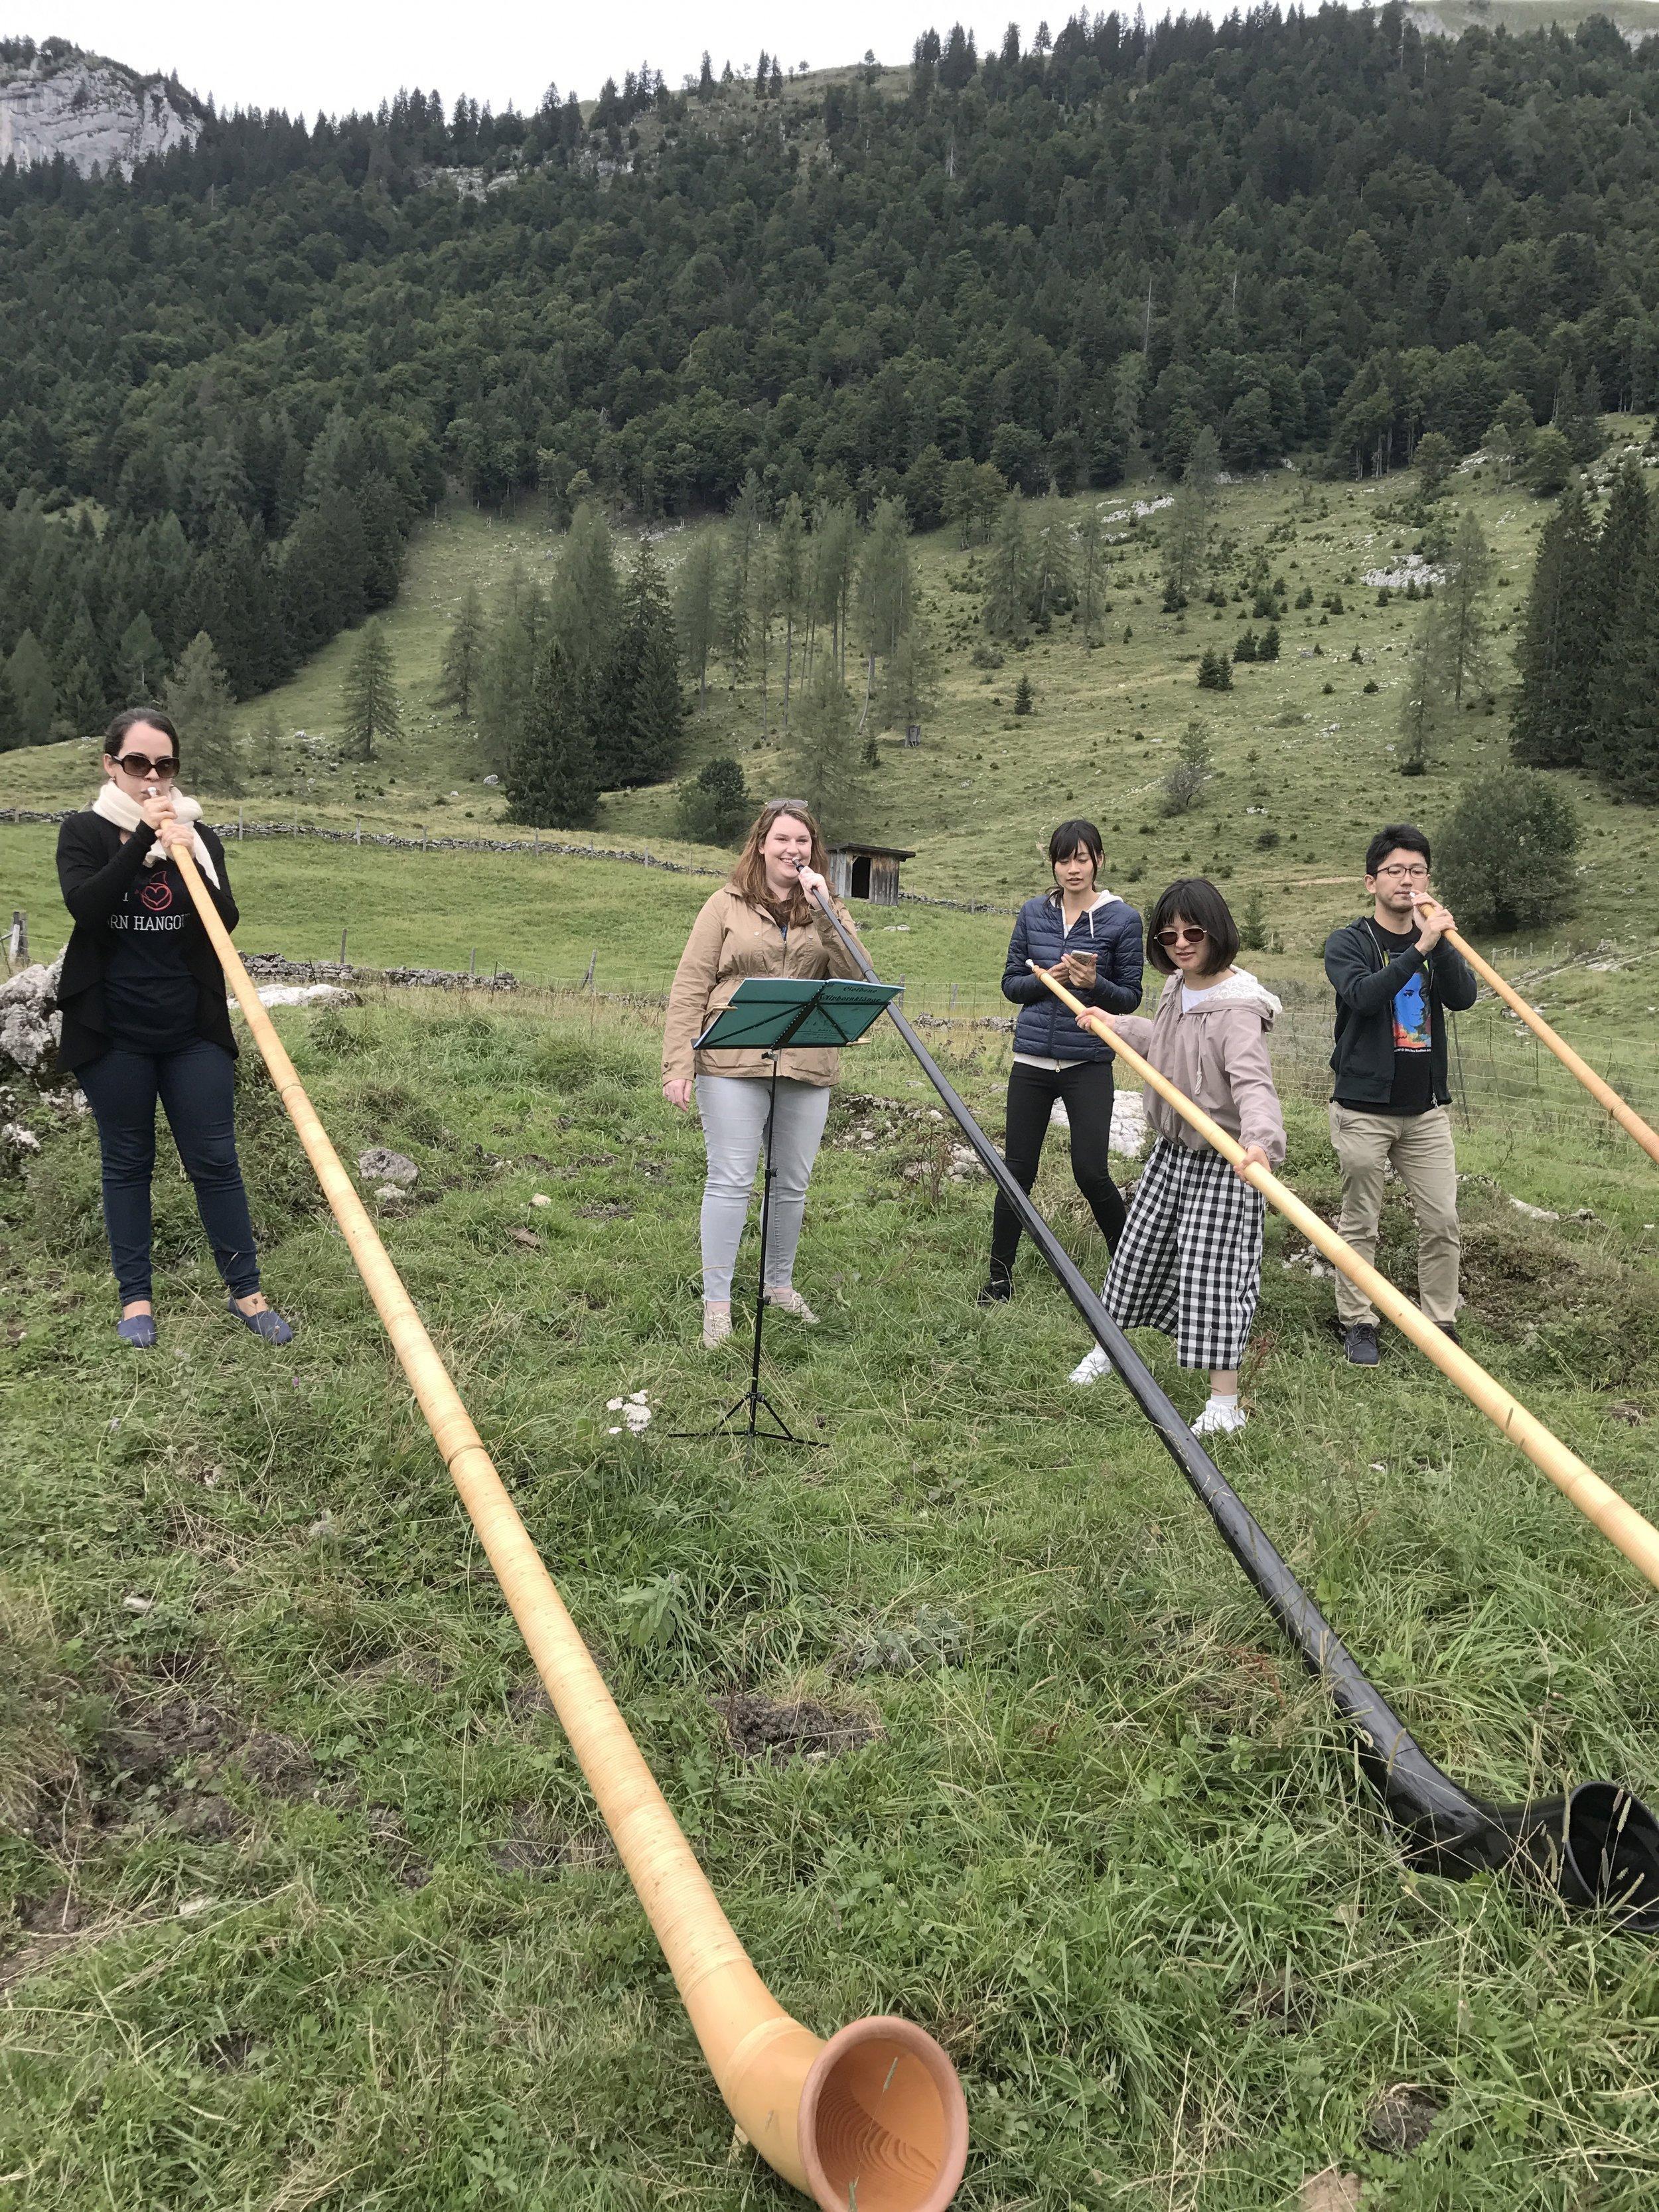 Alphorns at See-Wald-See